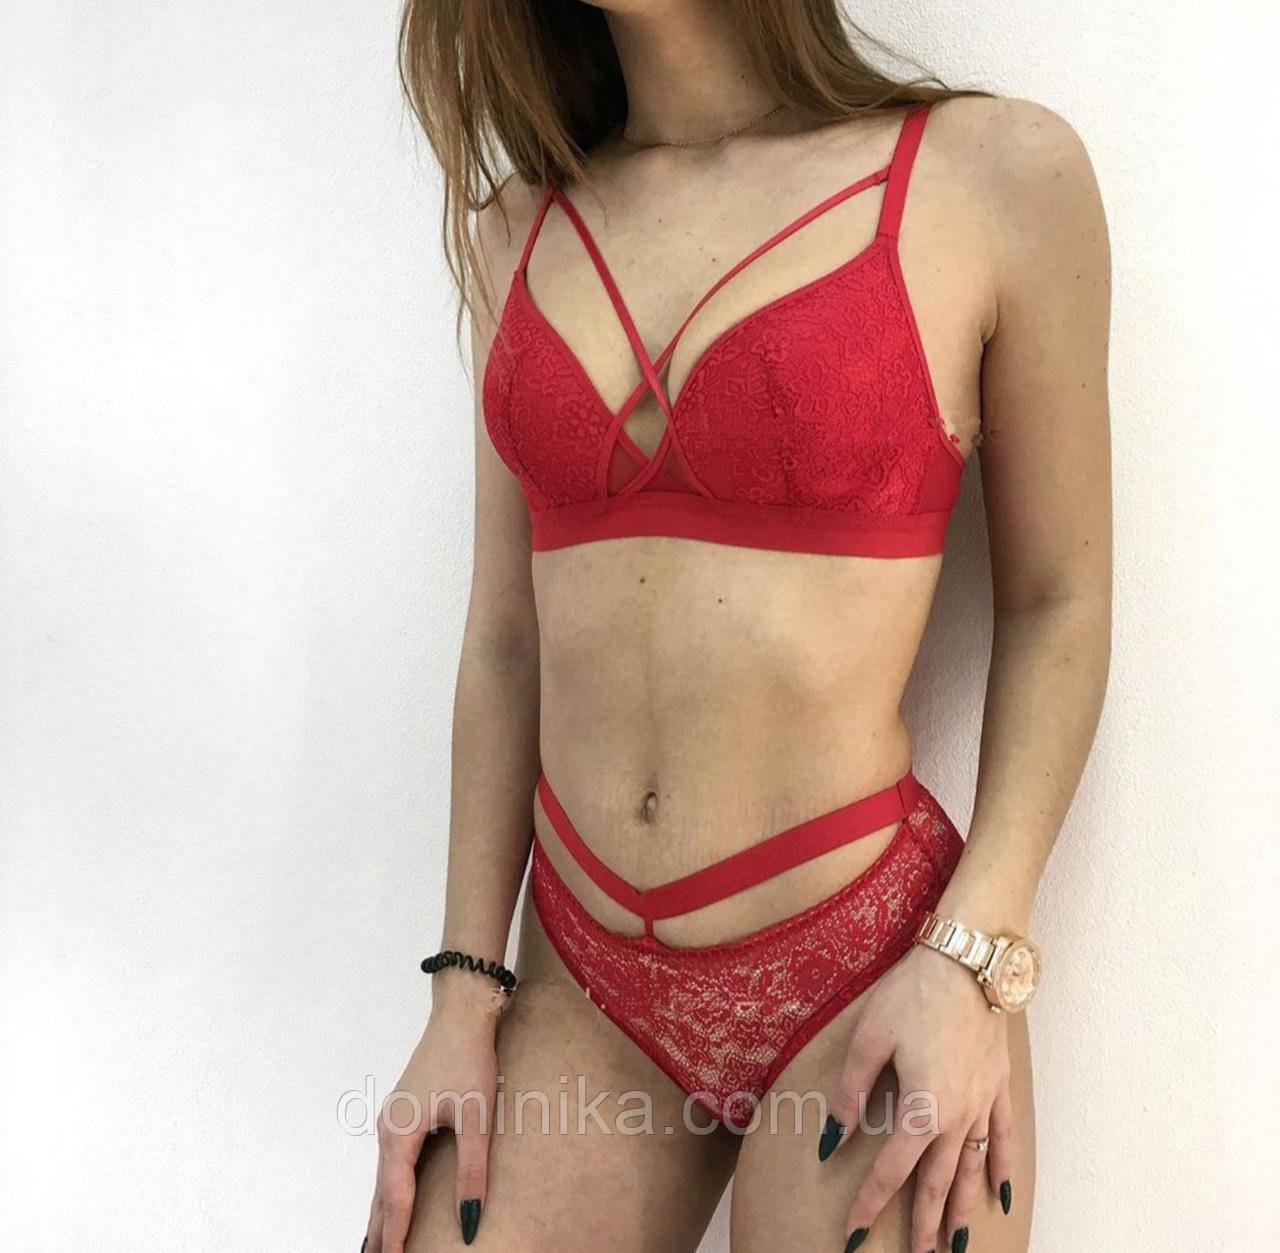 Нежное женское нижнее белье, без косточек ,красный ,размер 85В